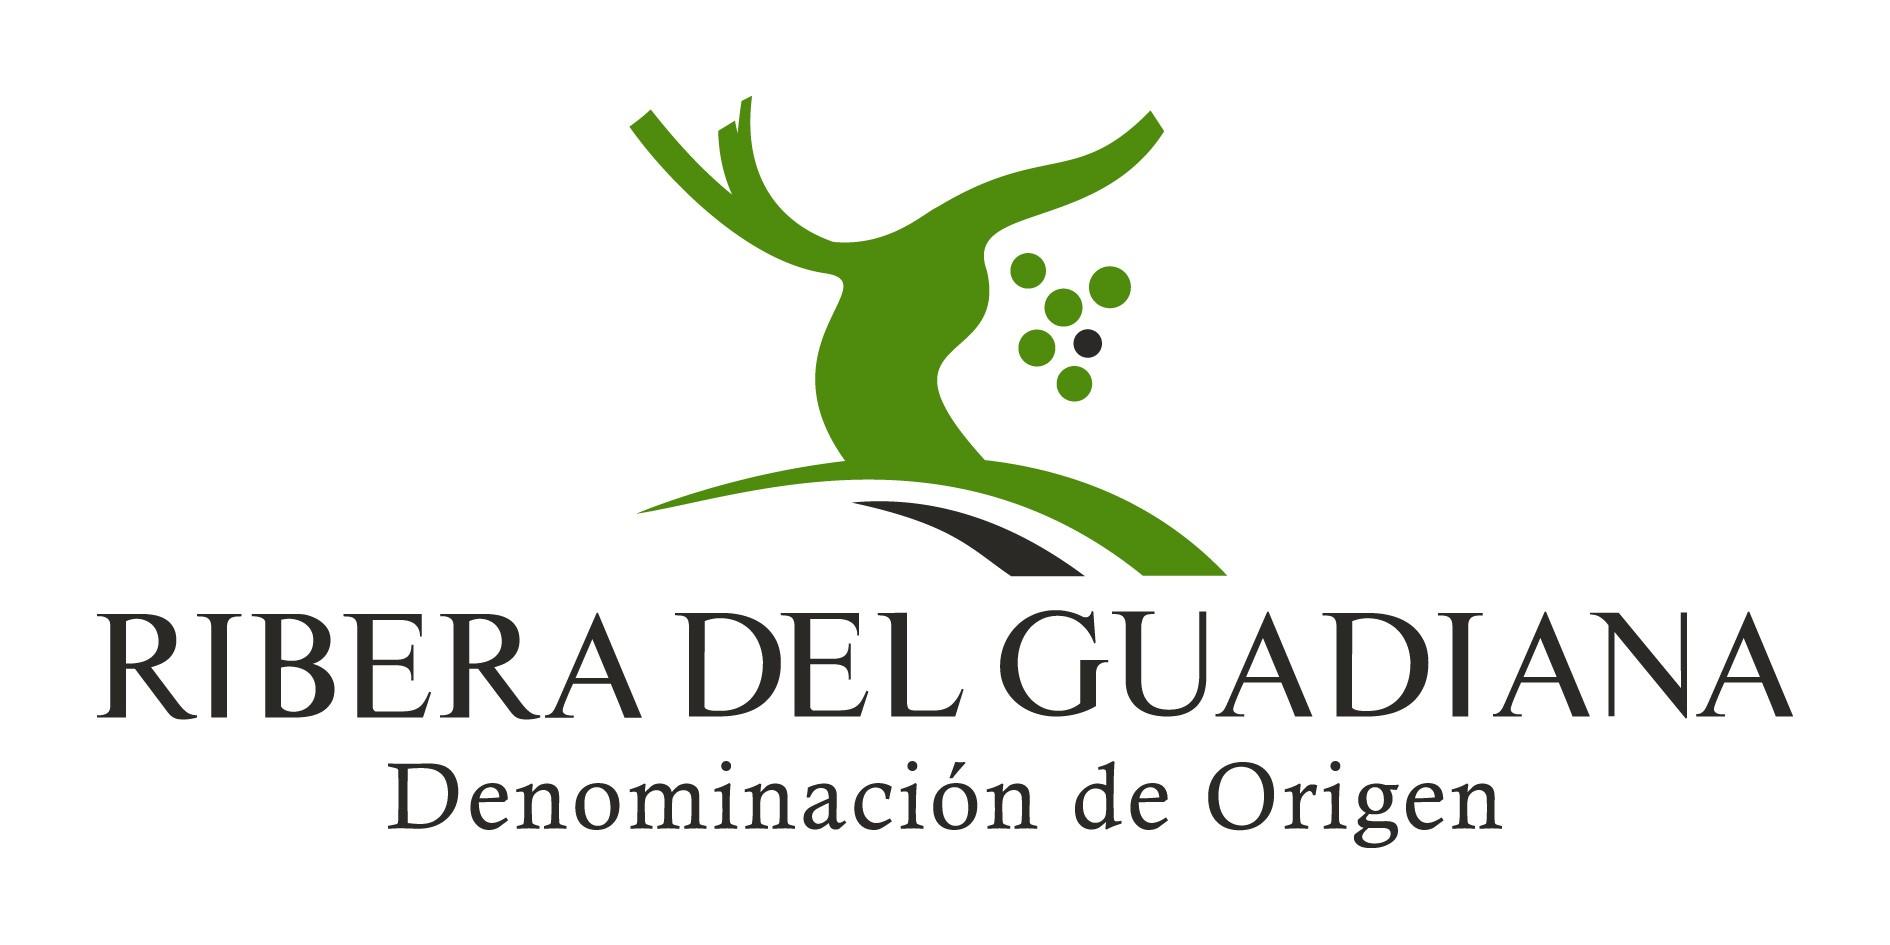 Logo Denominación de Origen Ribera del Guadiana